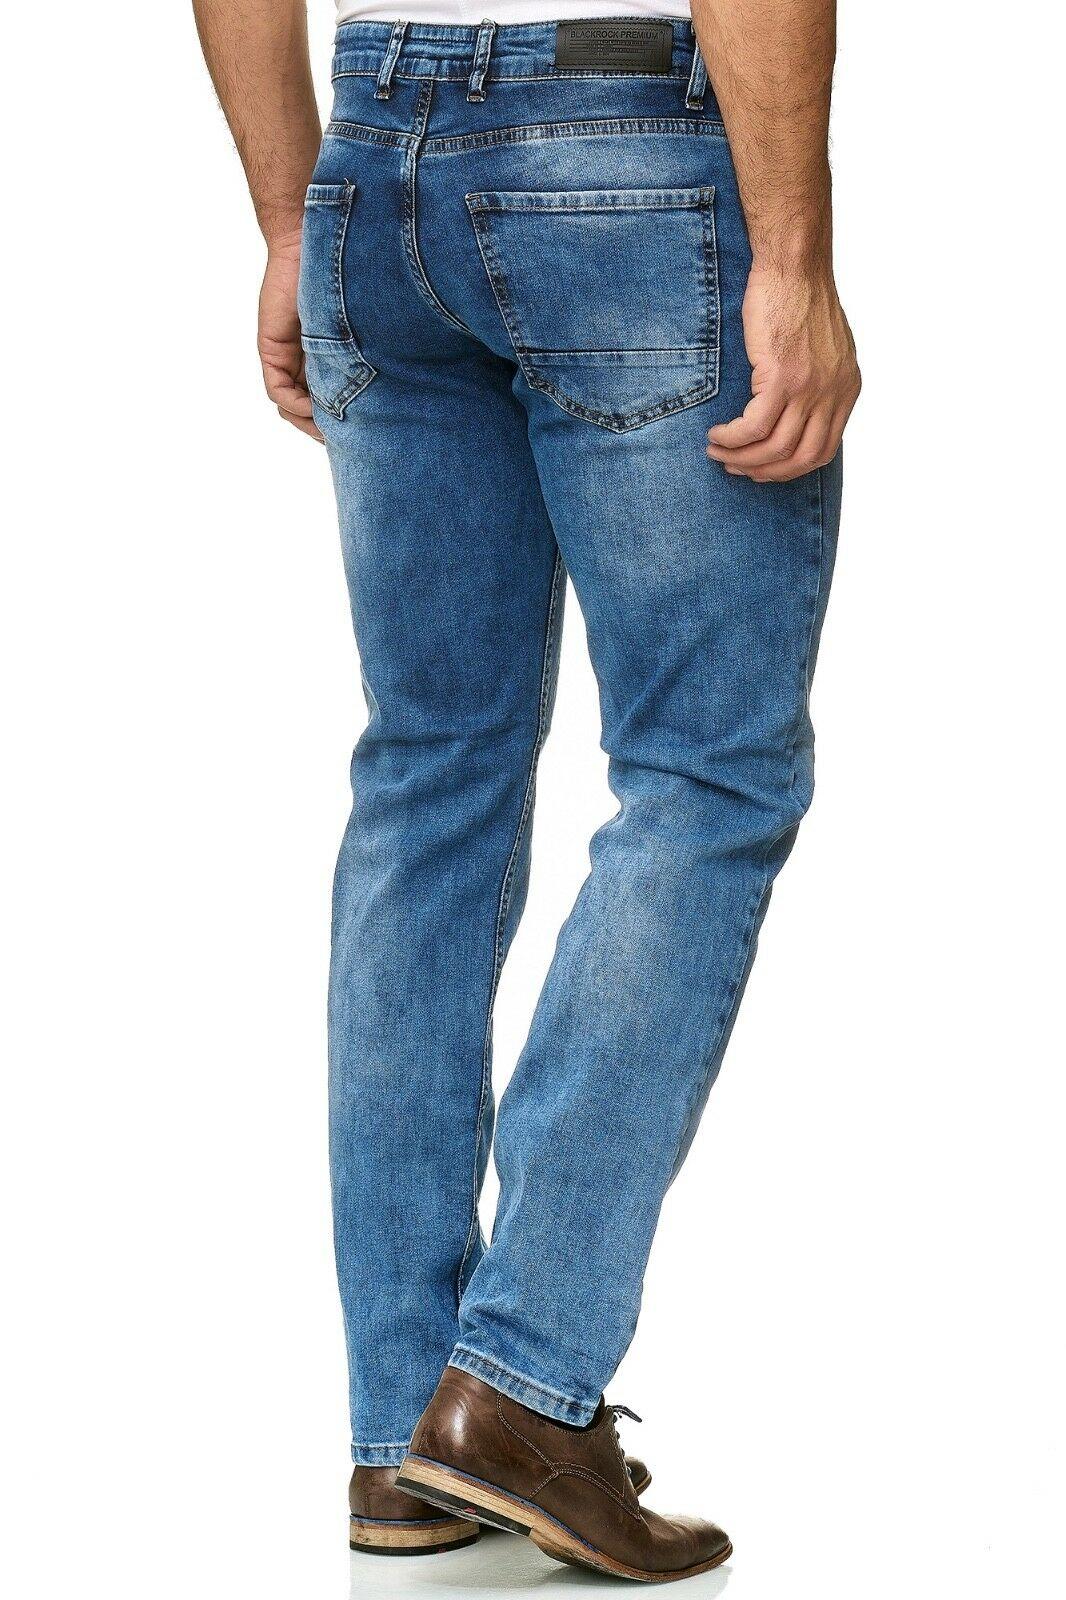 Herren-Jeanshosen-Stretch-Hose-Slim-fit-SKINNY-Jeans-Blau-Schwarz-Grau-Weiss Indexbild 55